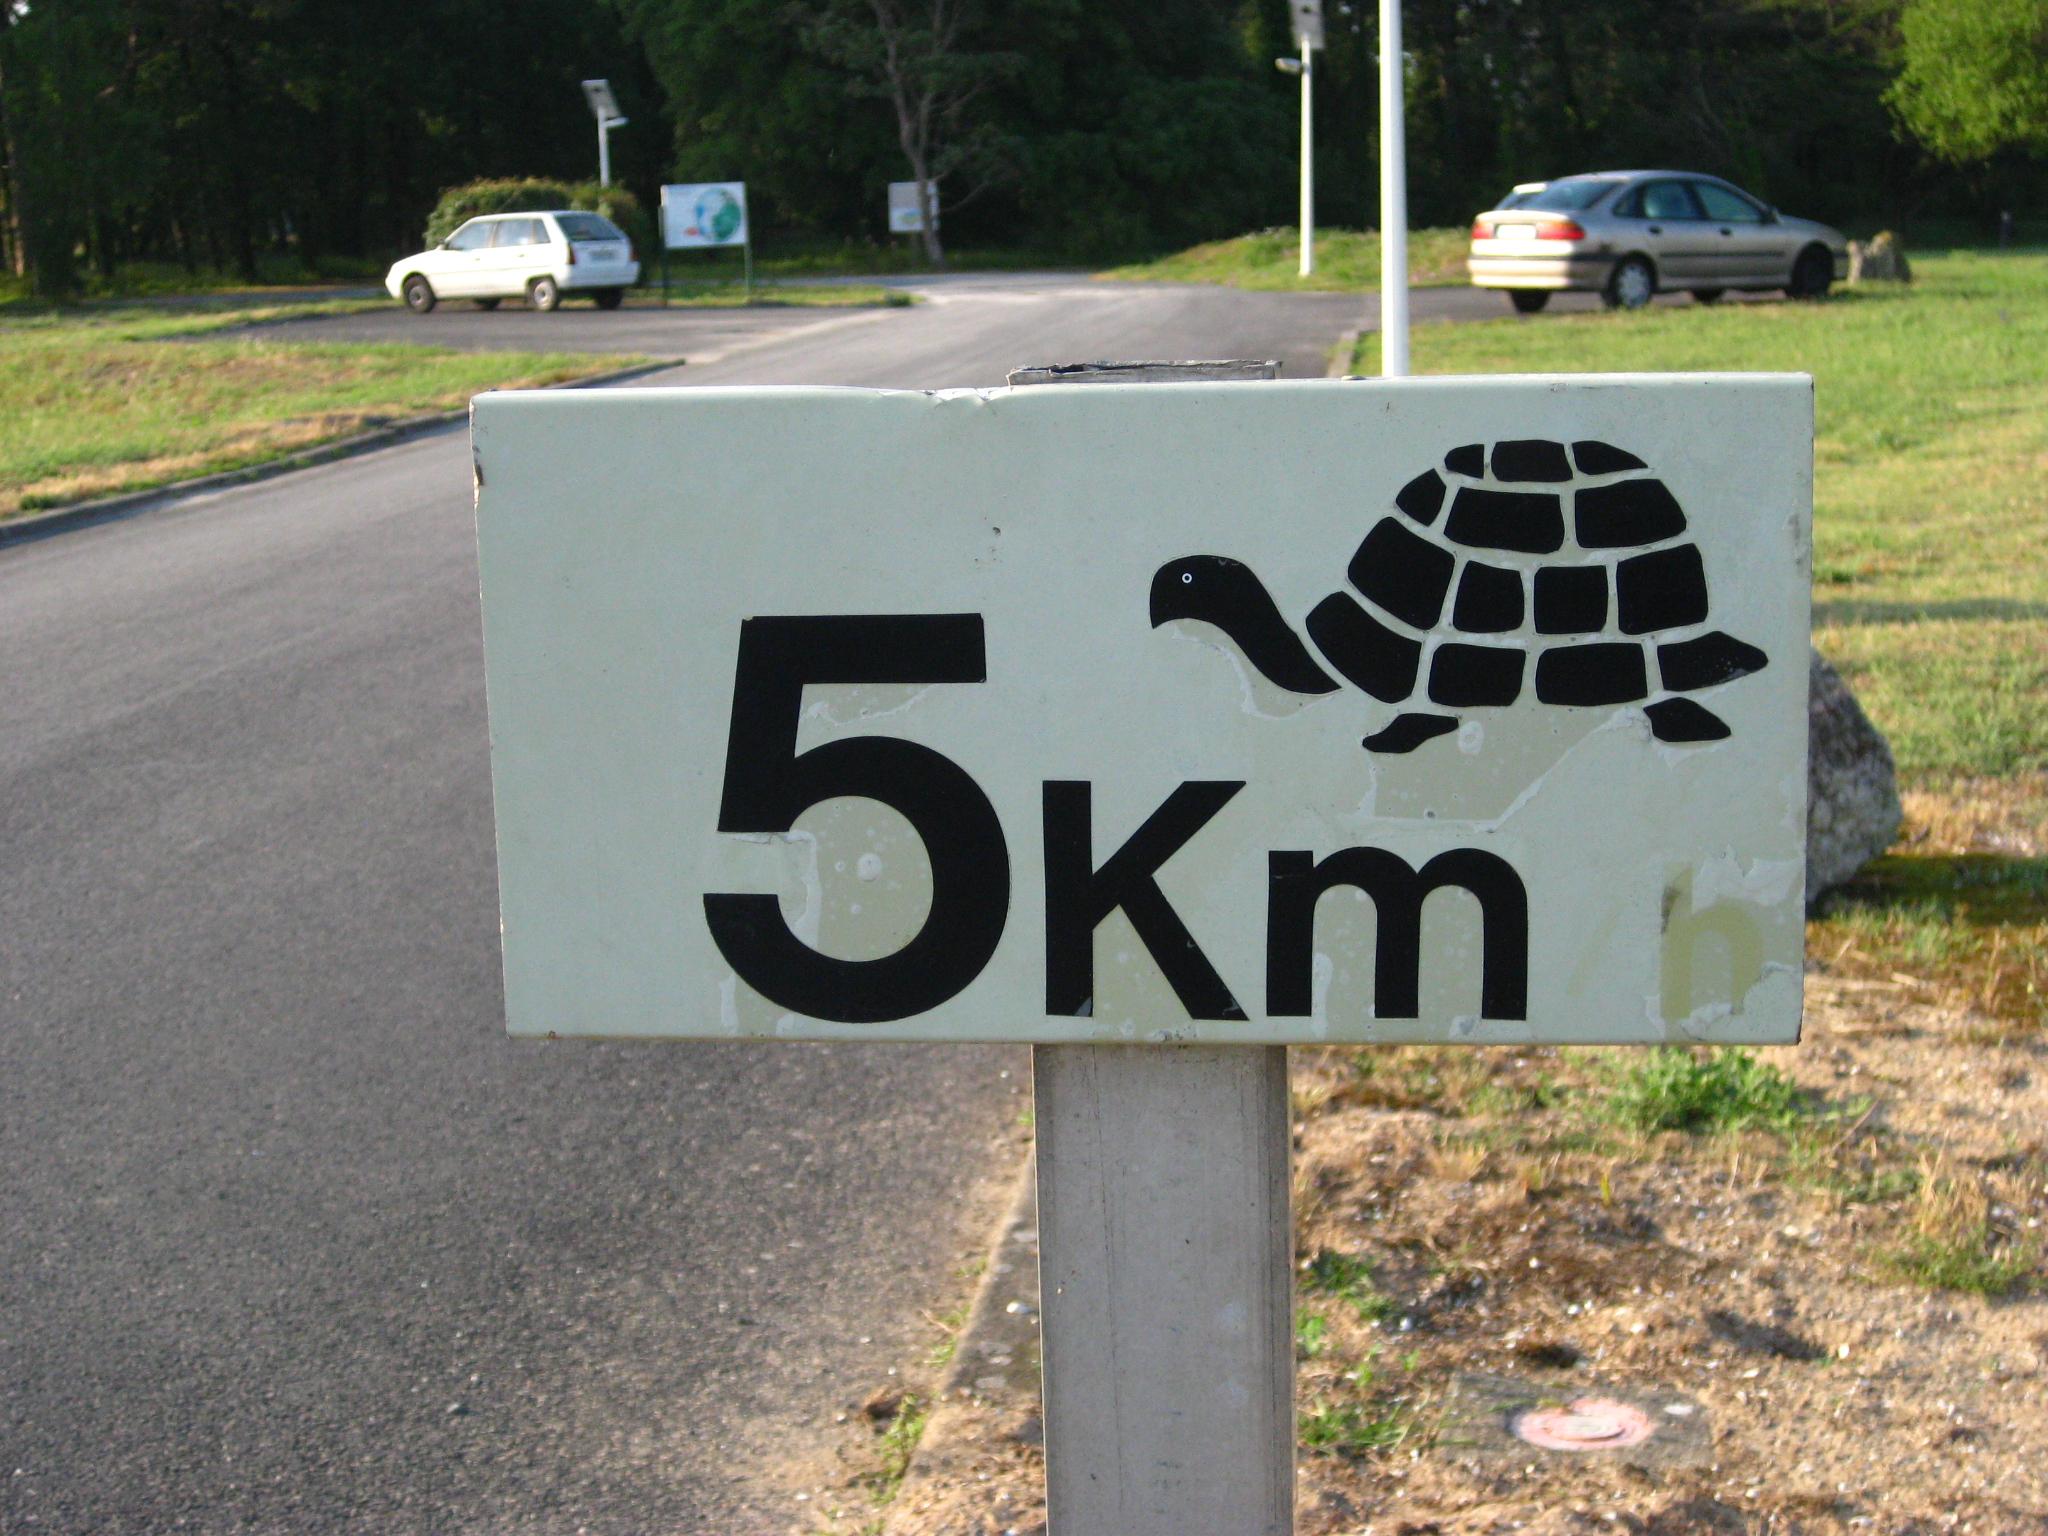 tortue5km